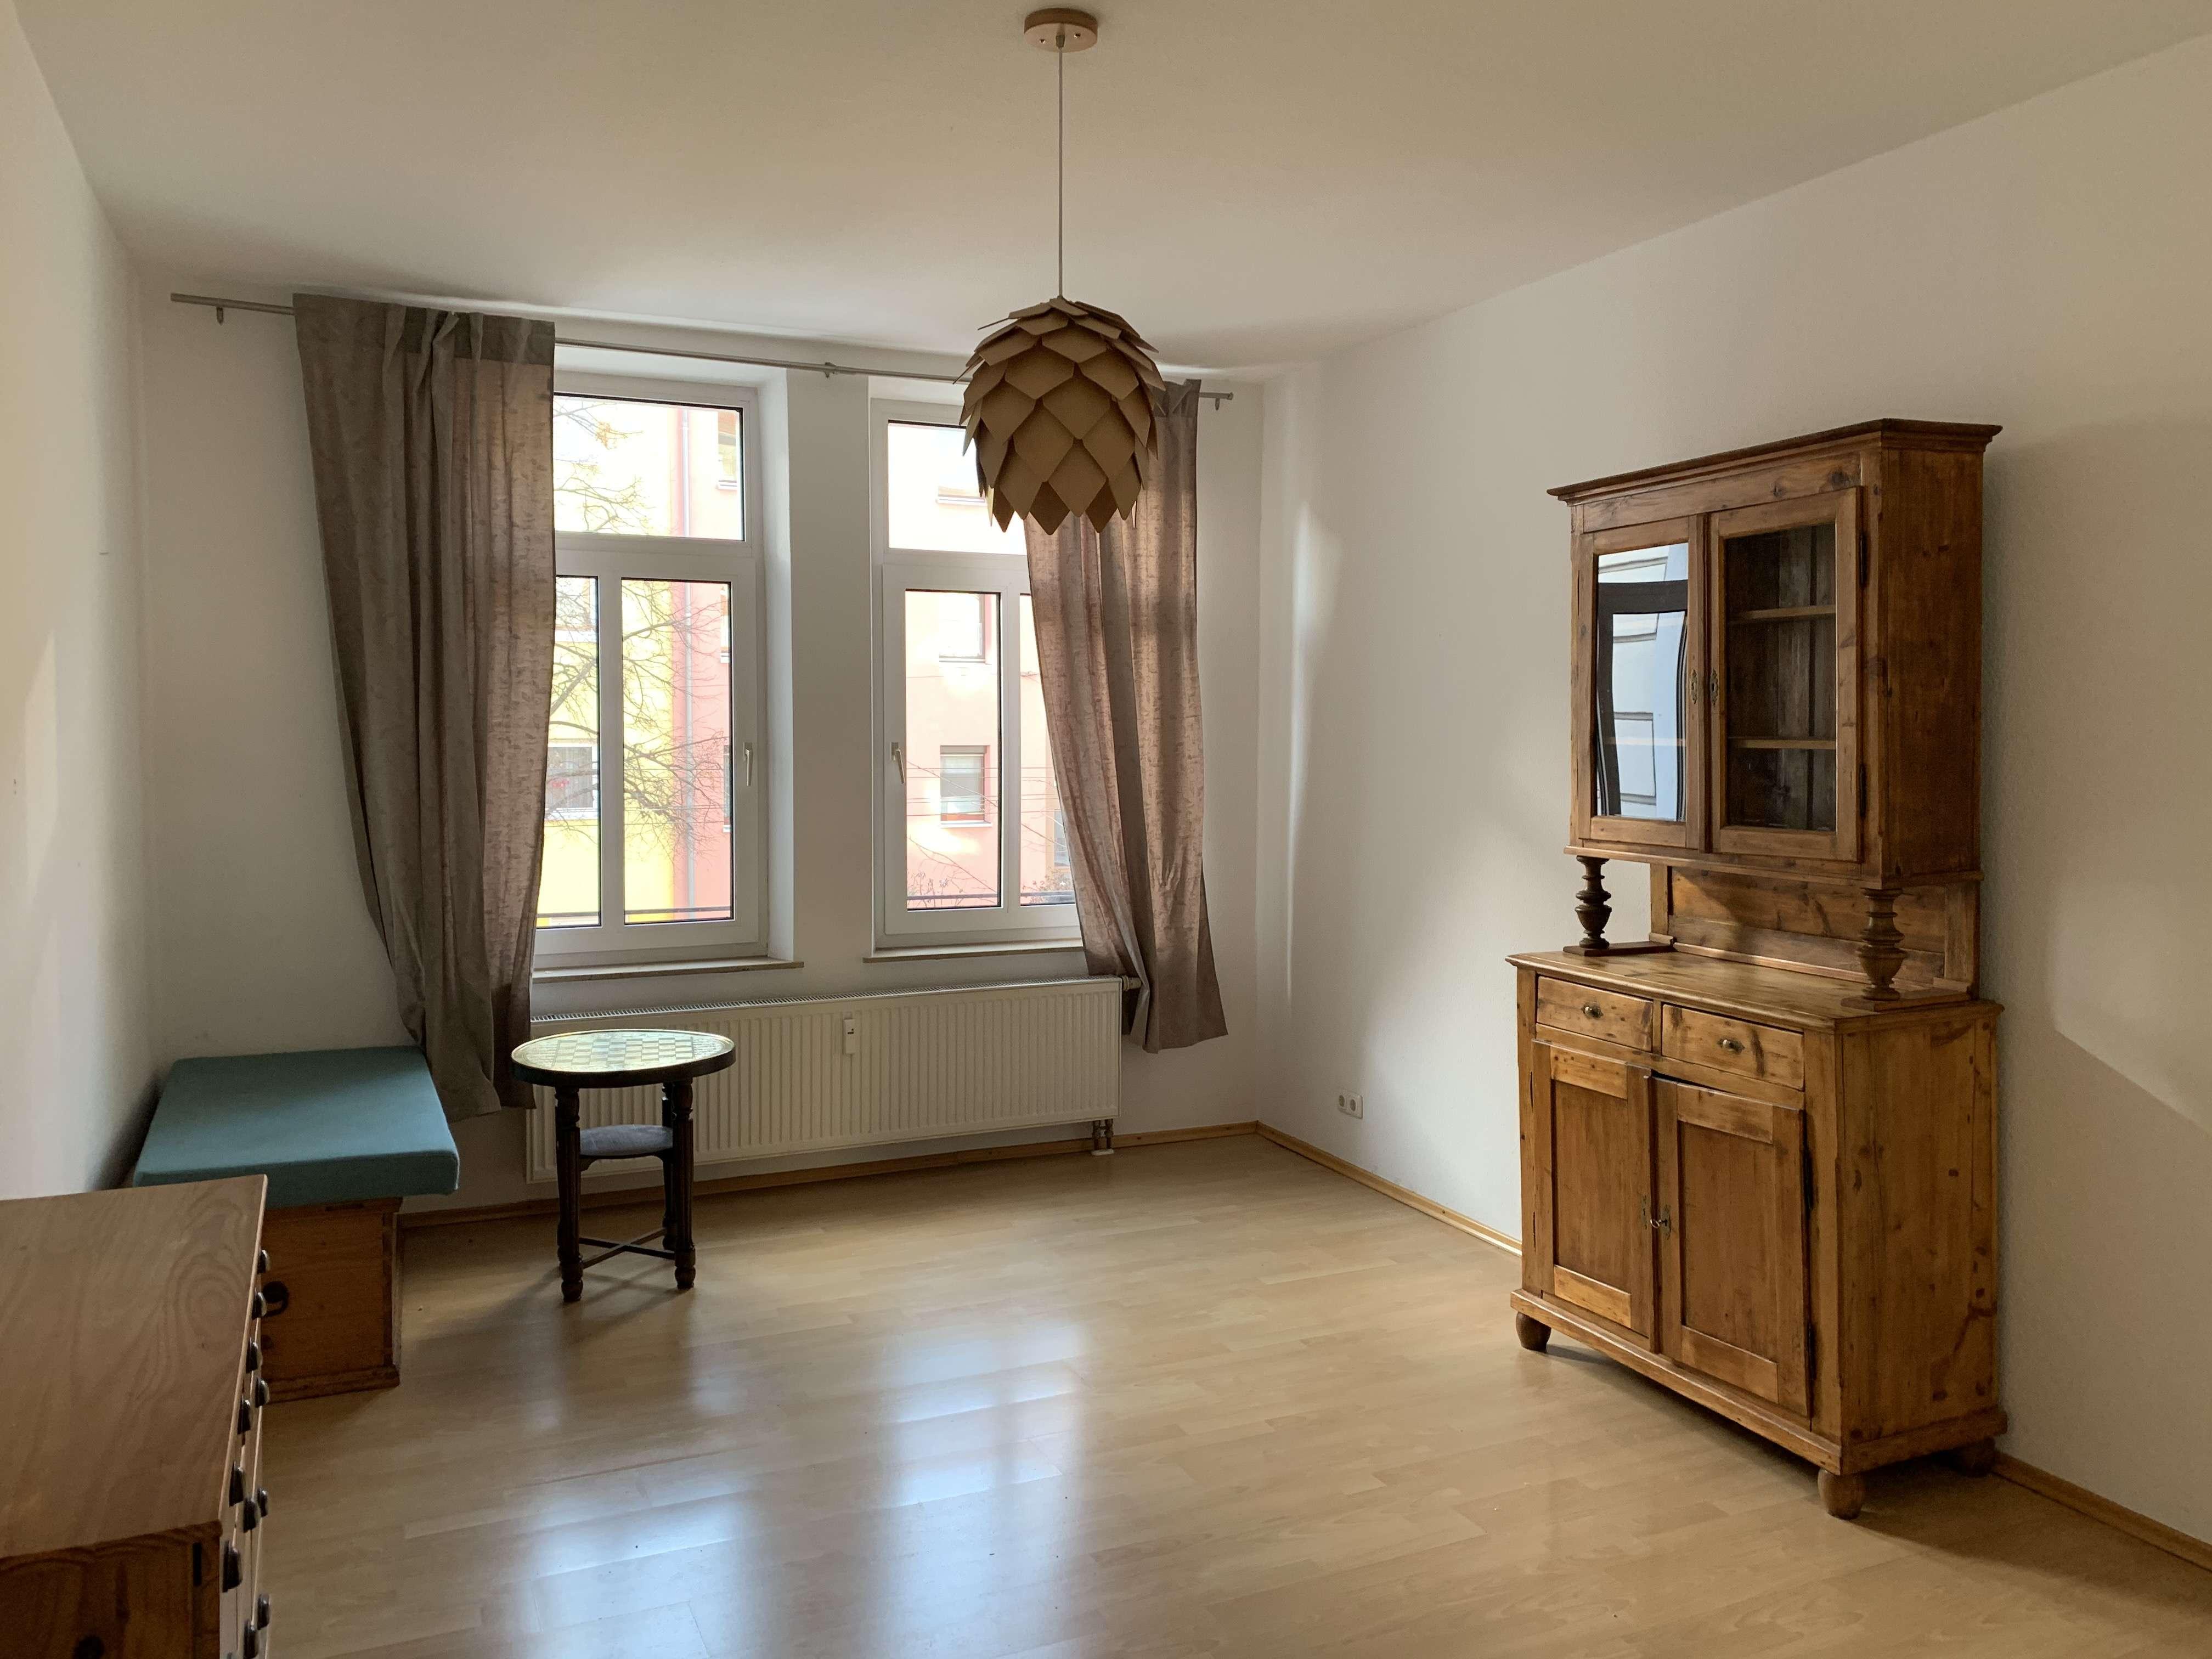 Stilvolle, vollständig renovierte 2-Zimmer-Wohnung mit gehobener Innenausstattung in Nürnberg in